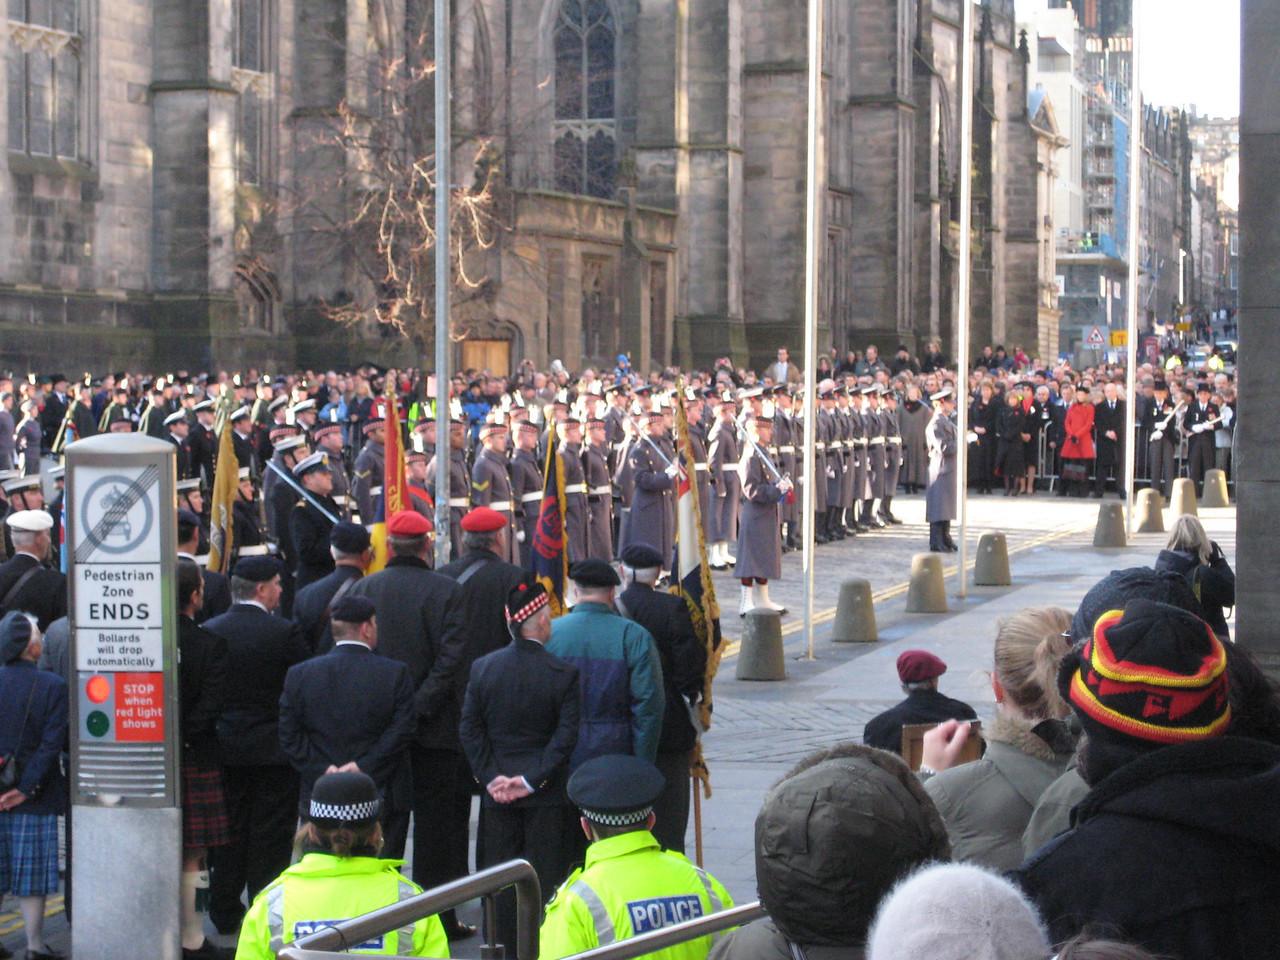 Remembrance ceremony in Edinburgh square November 9th.